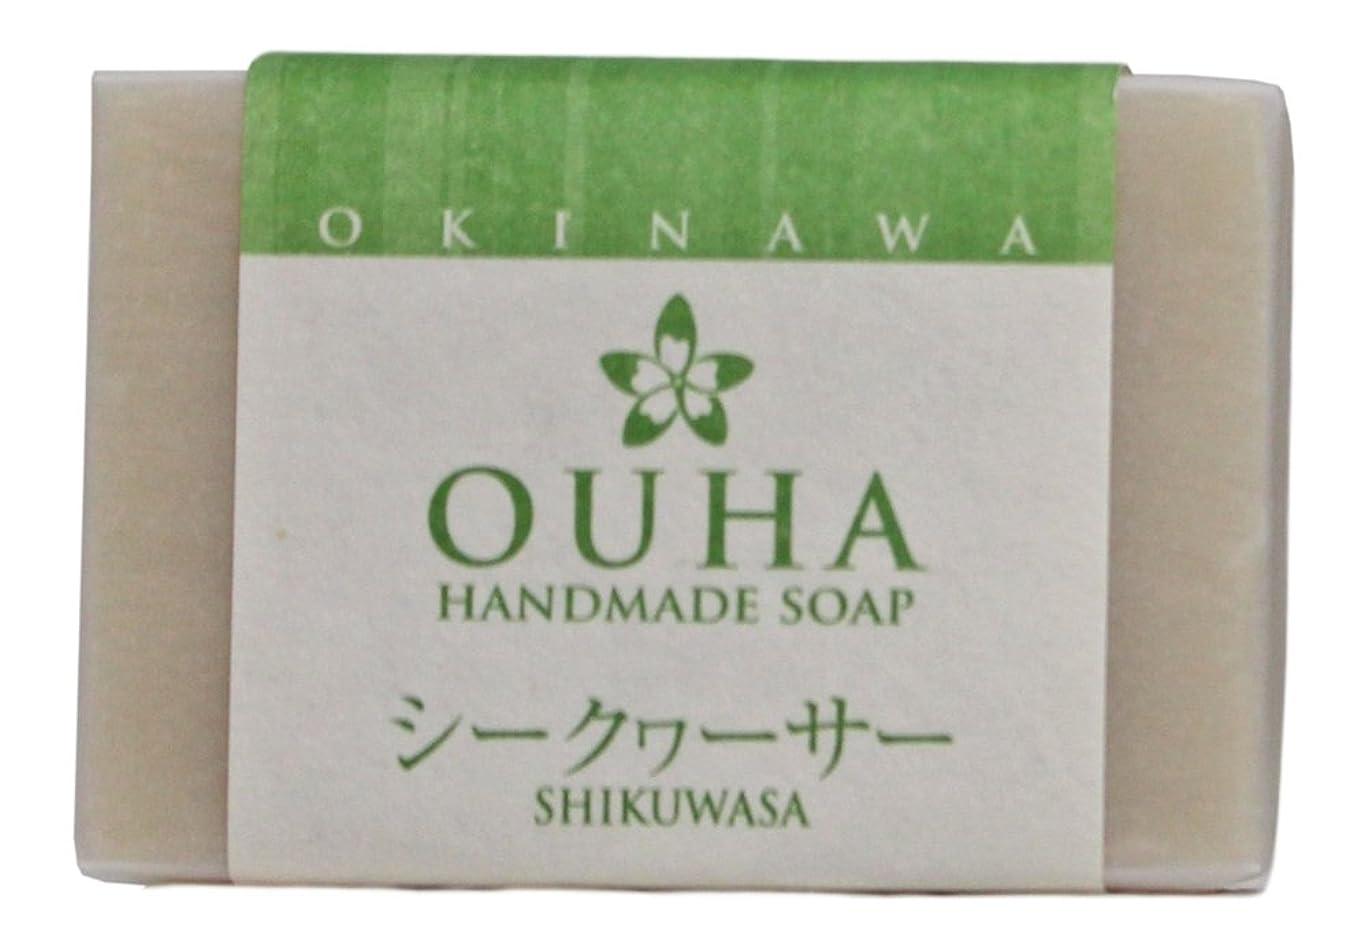 嫌がるラベル常習者沖縄手作り洗顔せっけん OUHAソープ シークヮーサー 47g